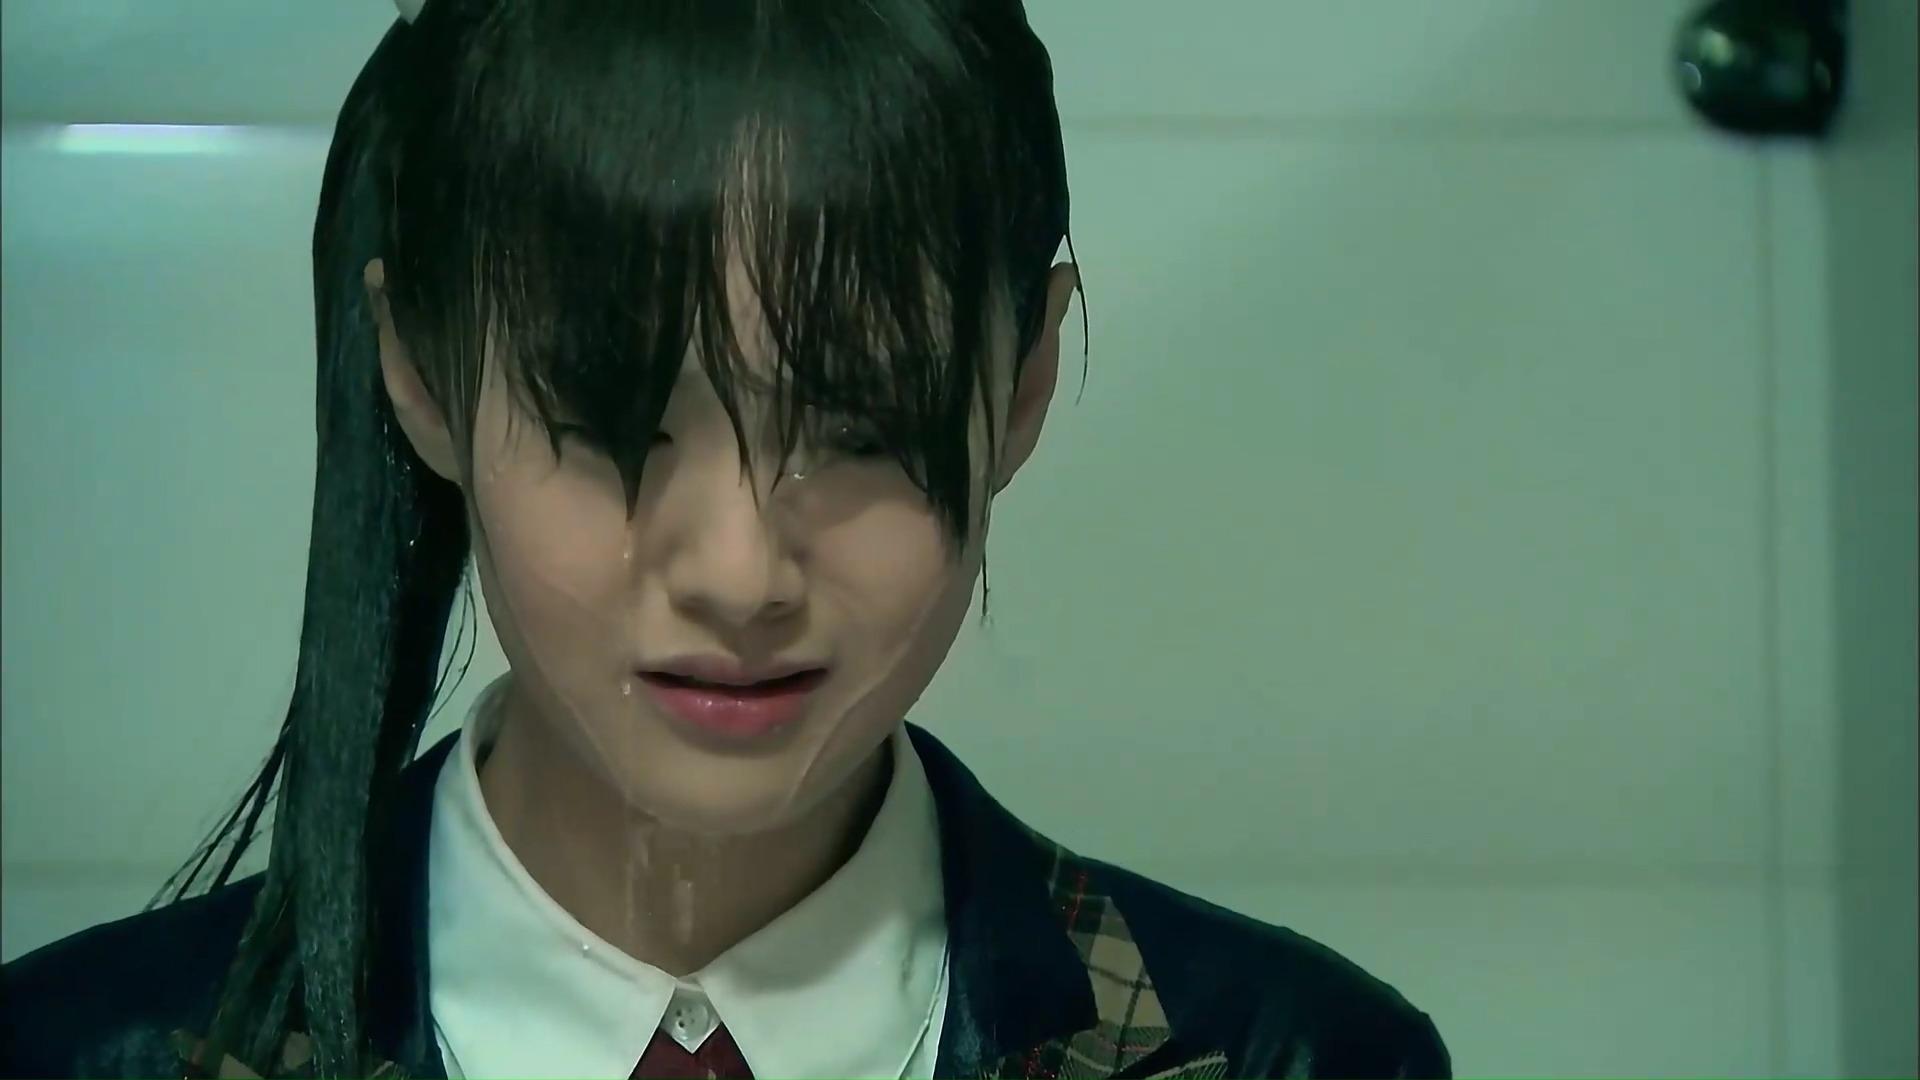 一起来看流星雨:楚雨荨被泼冷水,遭受校园暴力!